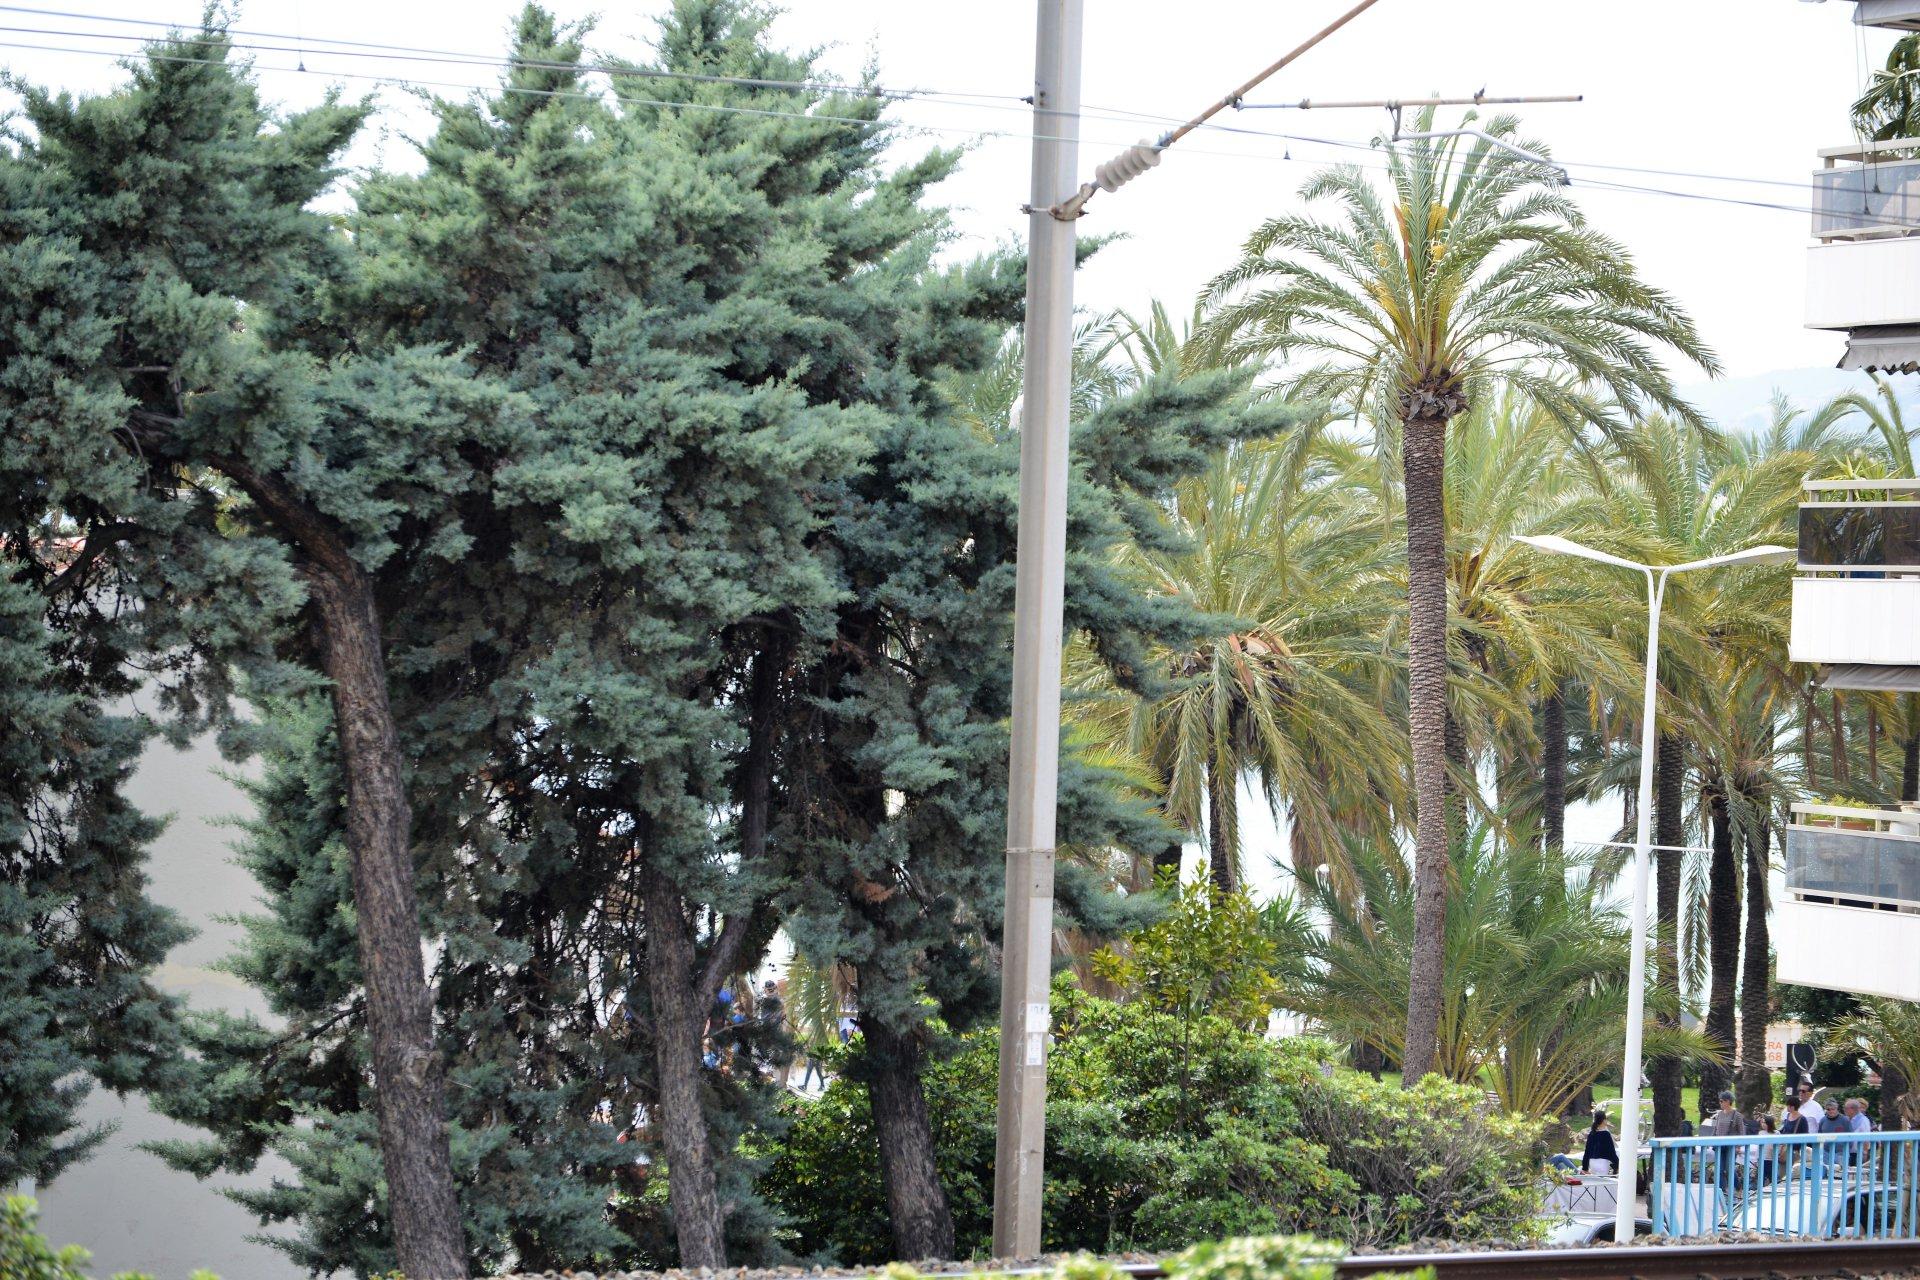 Affitto Appartamento - Cannes